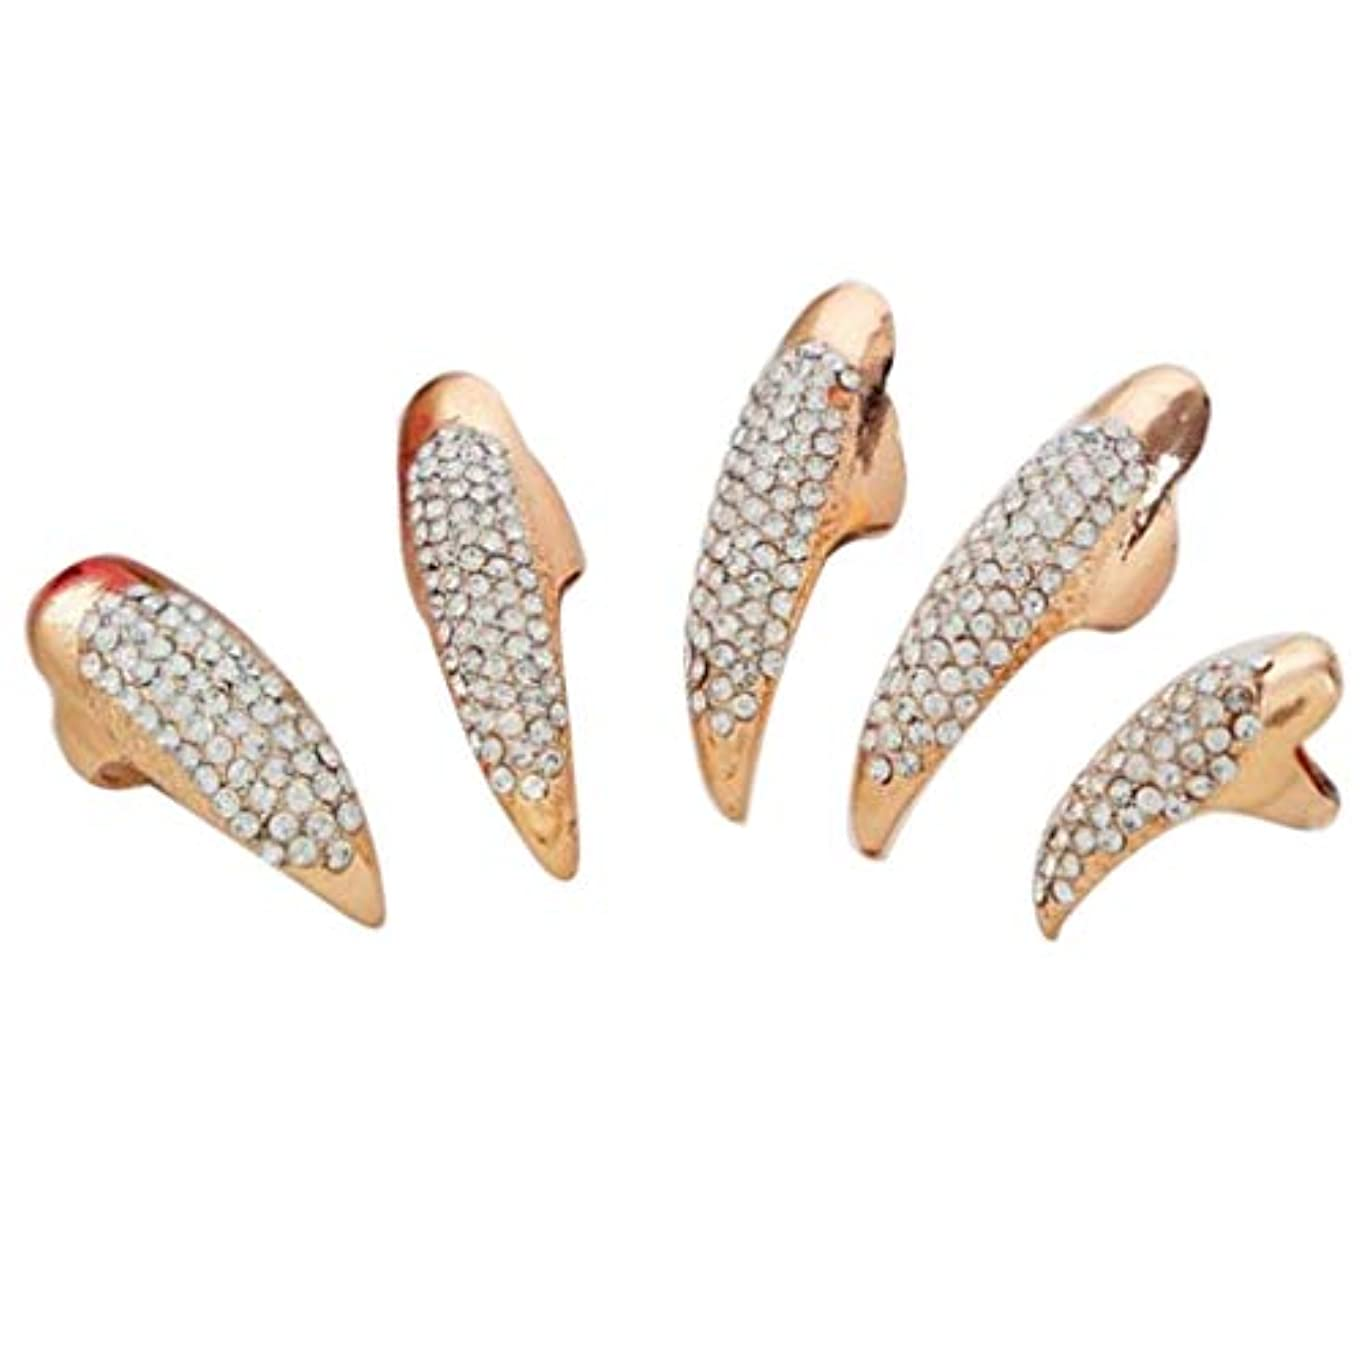 チェス移動同僚B Baosity ネイルアート ネイルリング 爪リング ネイルチップ 指先 爪の指輪 キラキラ 2色選べ - ゴールデン